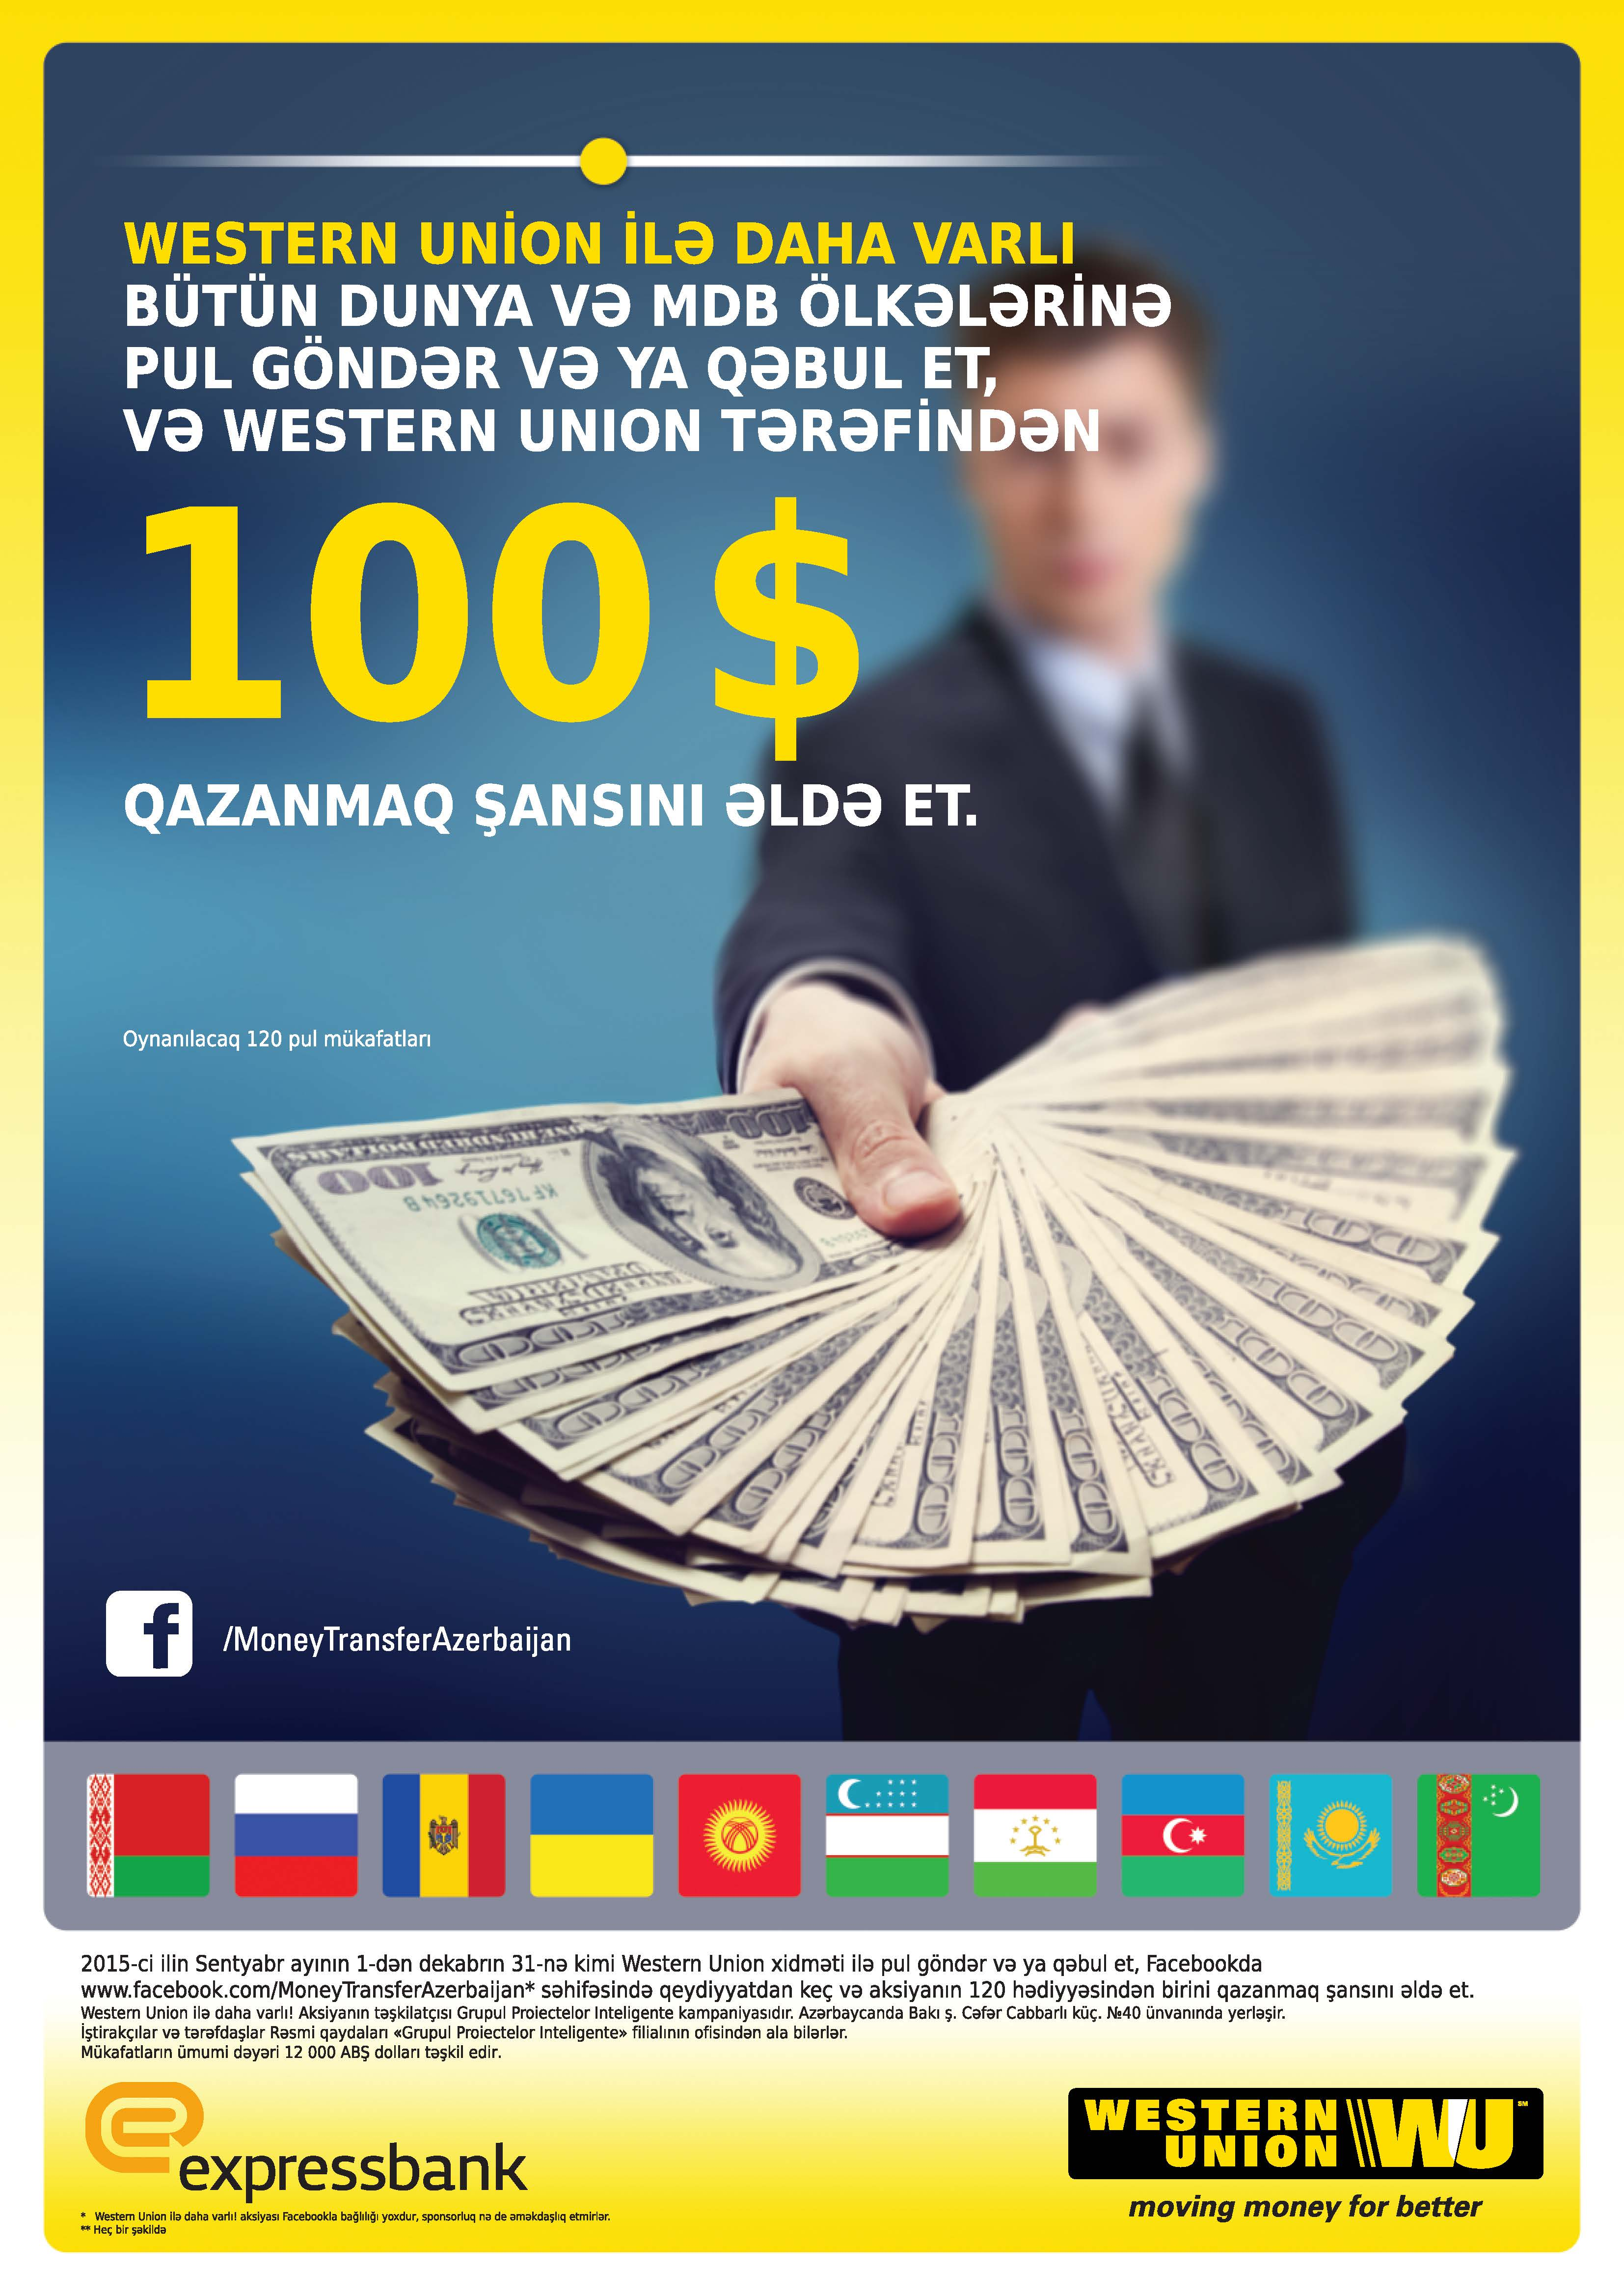 Expressbank-ın 10 müştərisi 100 dollar qazanıb